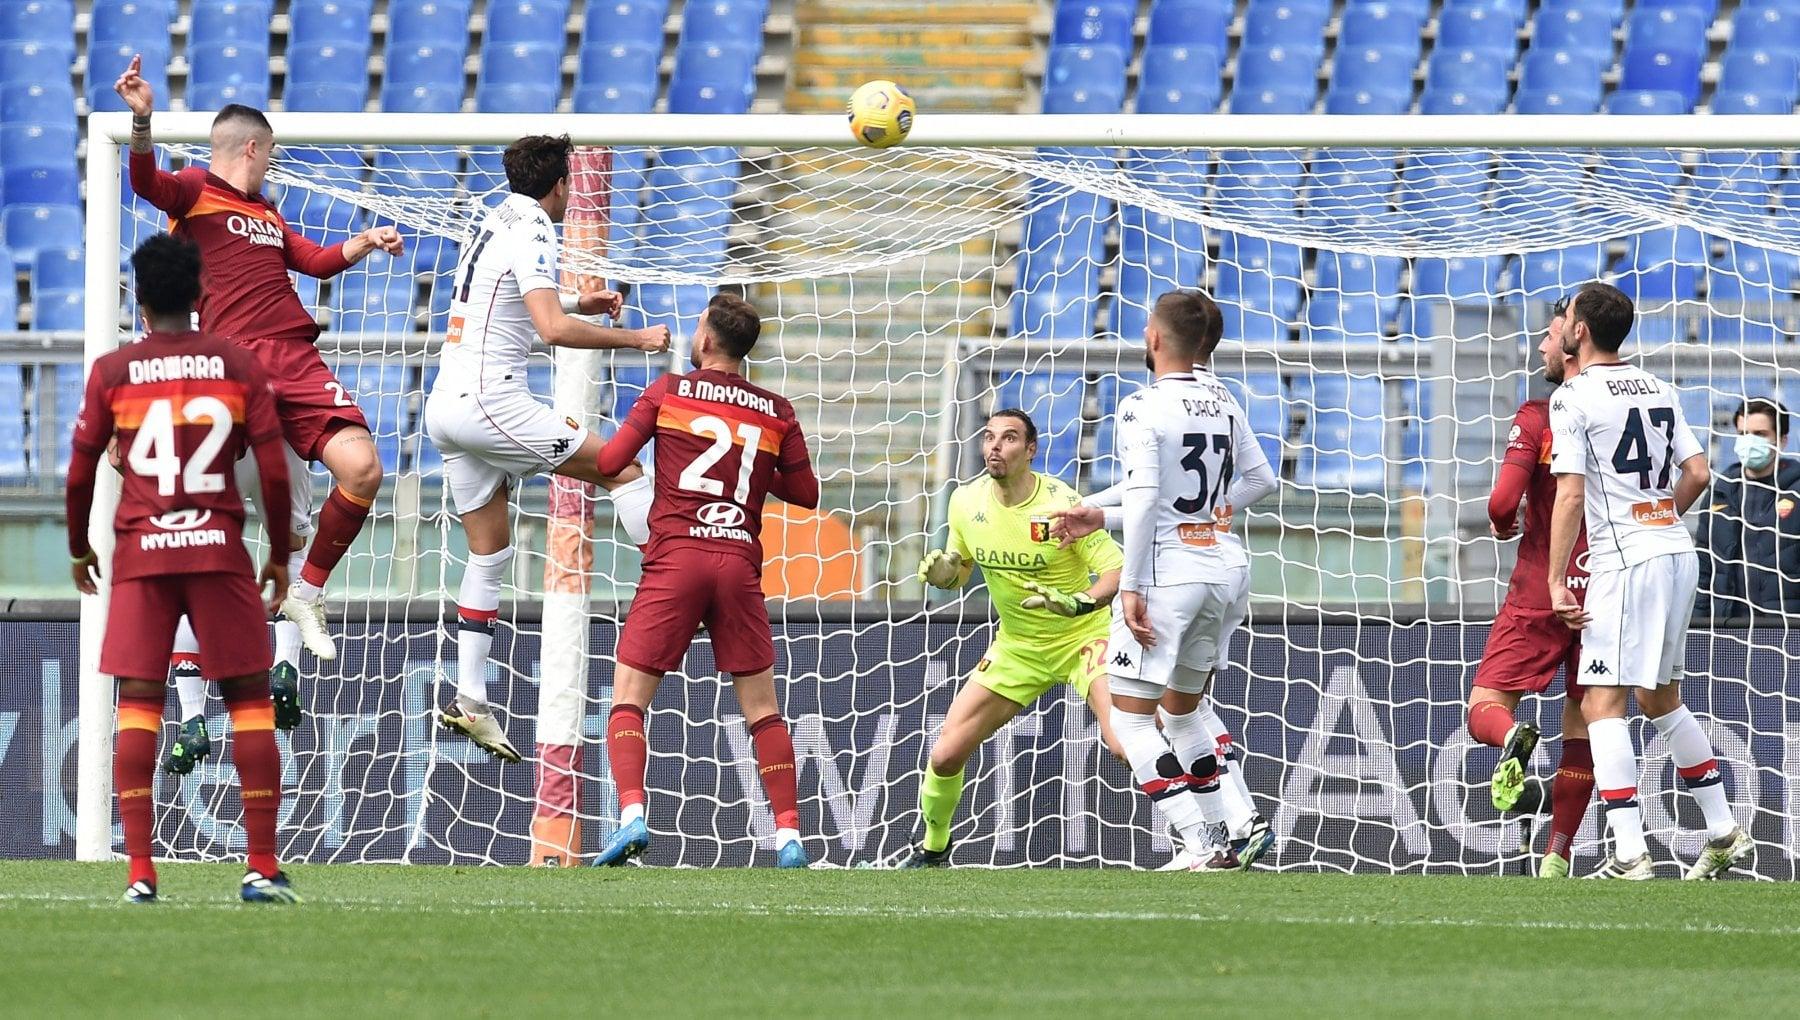 Roma-Genoa 1-0: decide Mancini, giallorossi al 4° posto